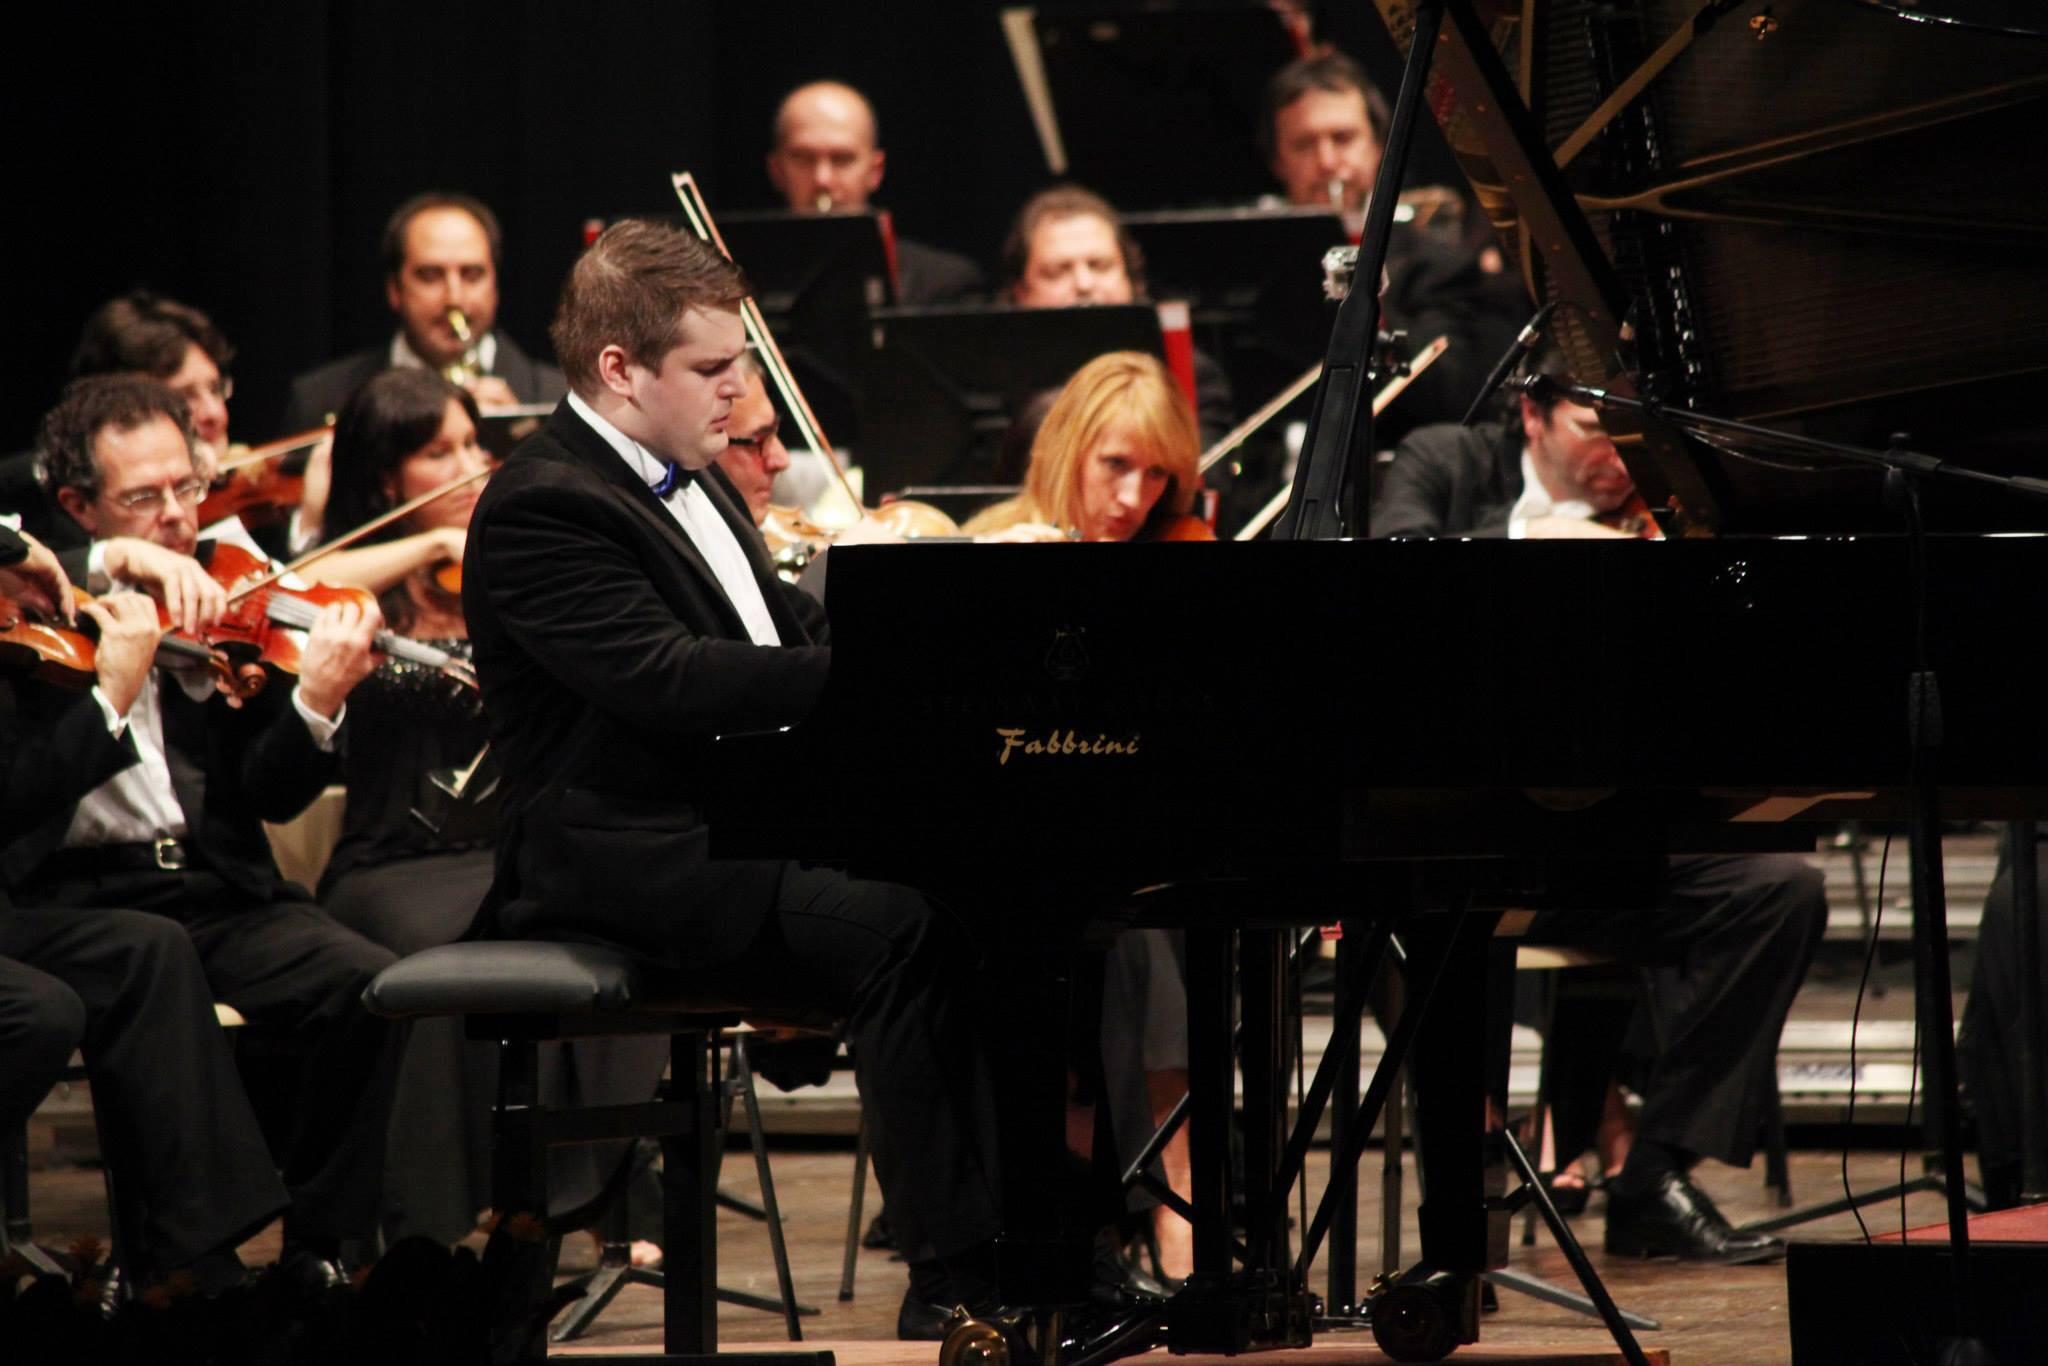 Teatro Civico, Vercelli. With Carlo Coccia Symphony Orchestra